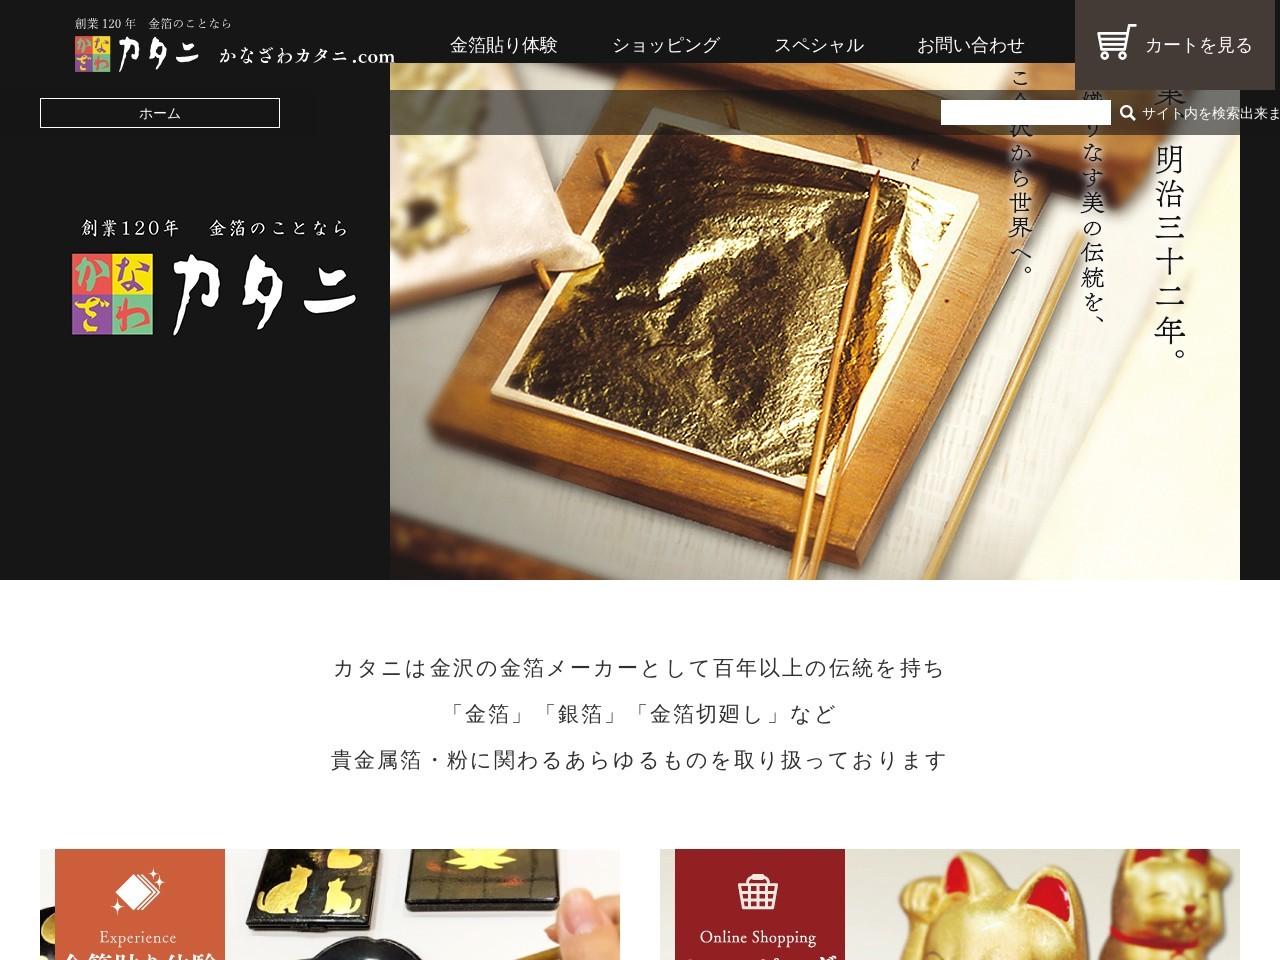 金沢で創業110余年、金箔のことならかなざわカタニ・ドットコム